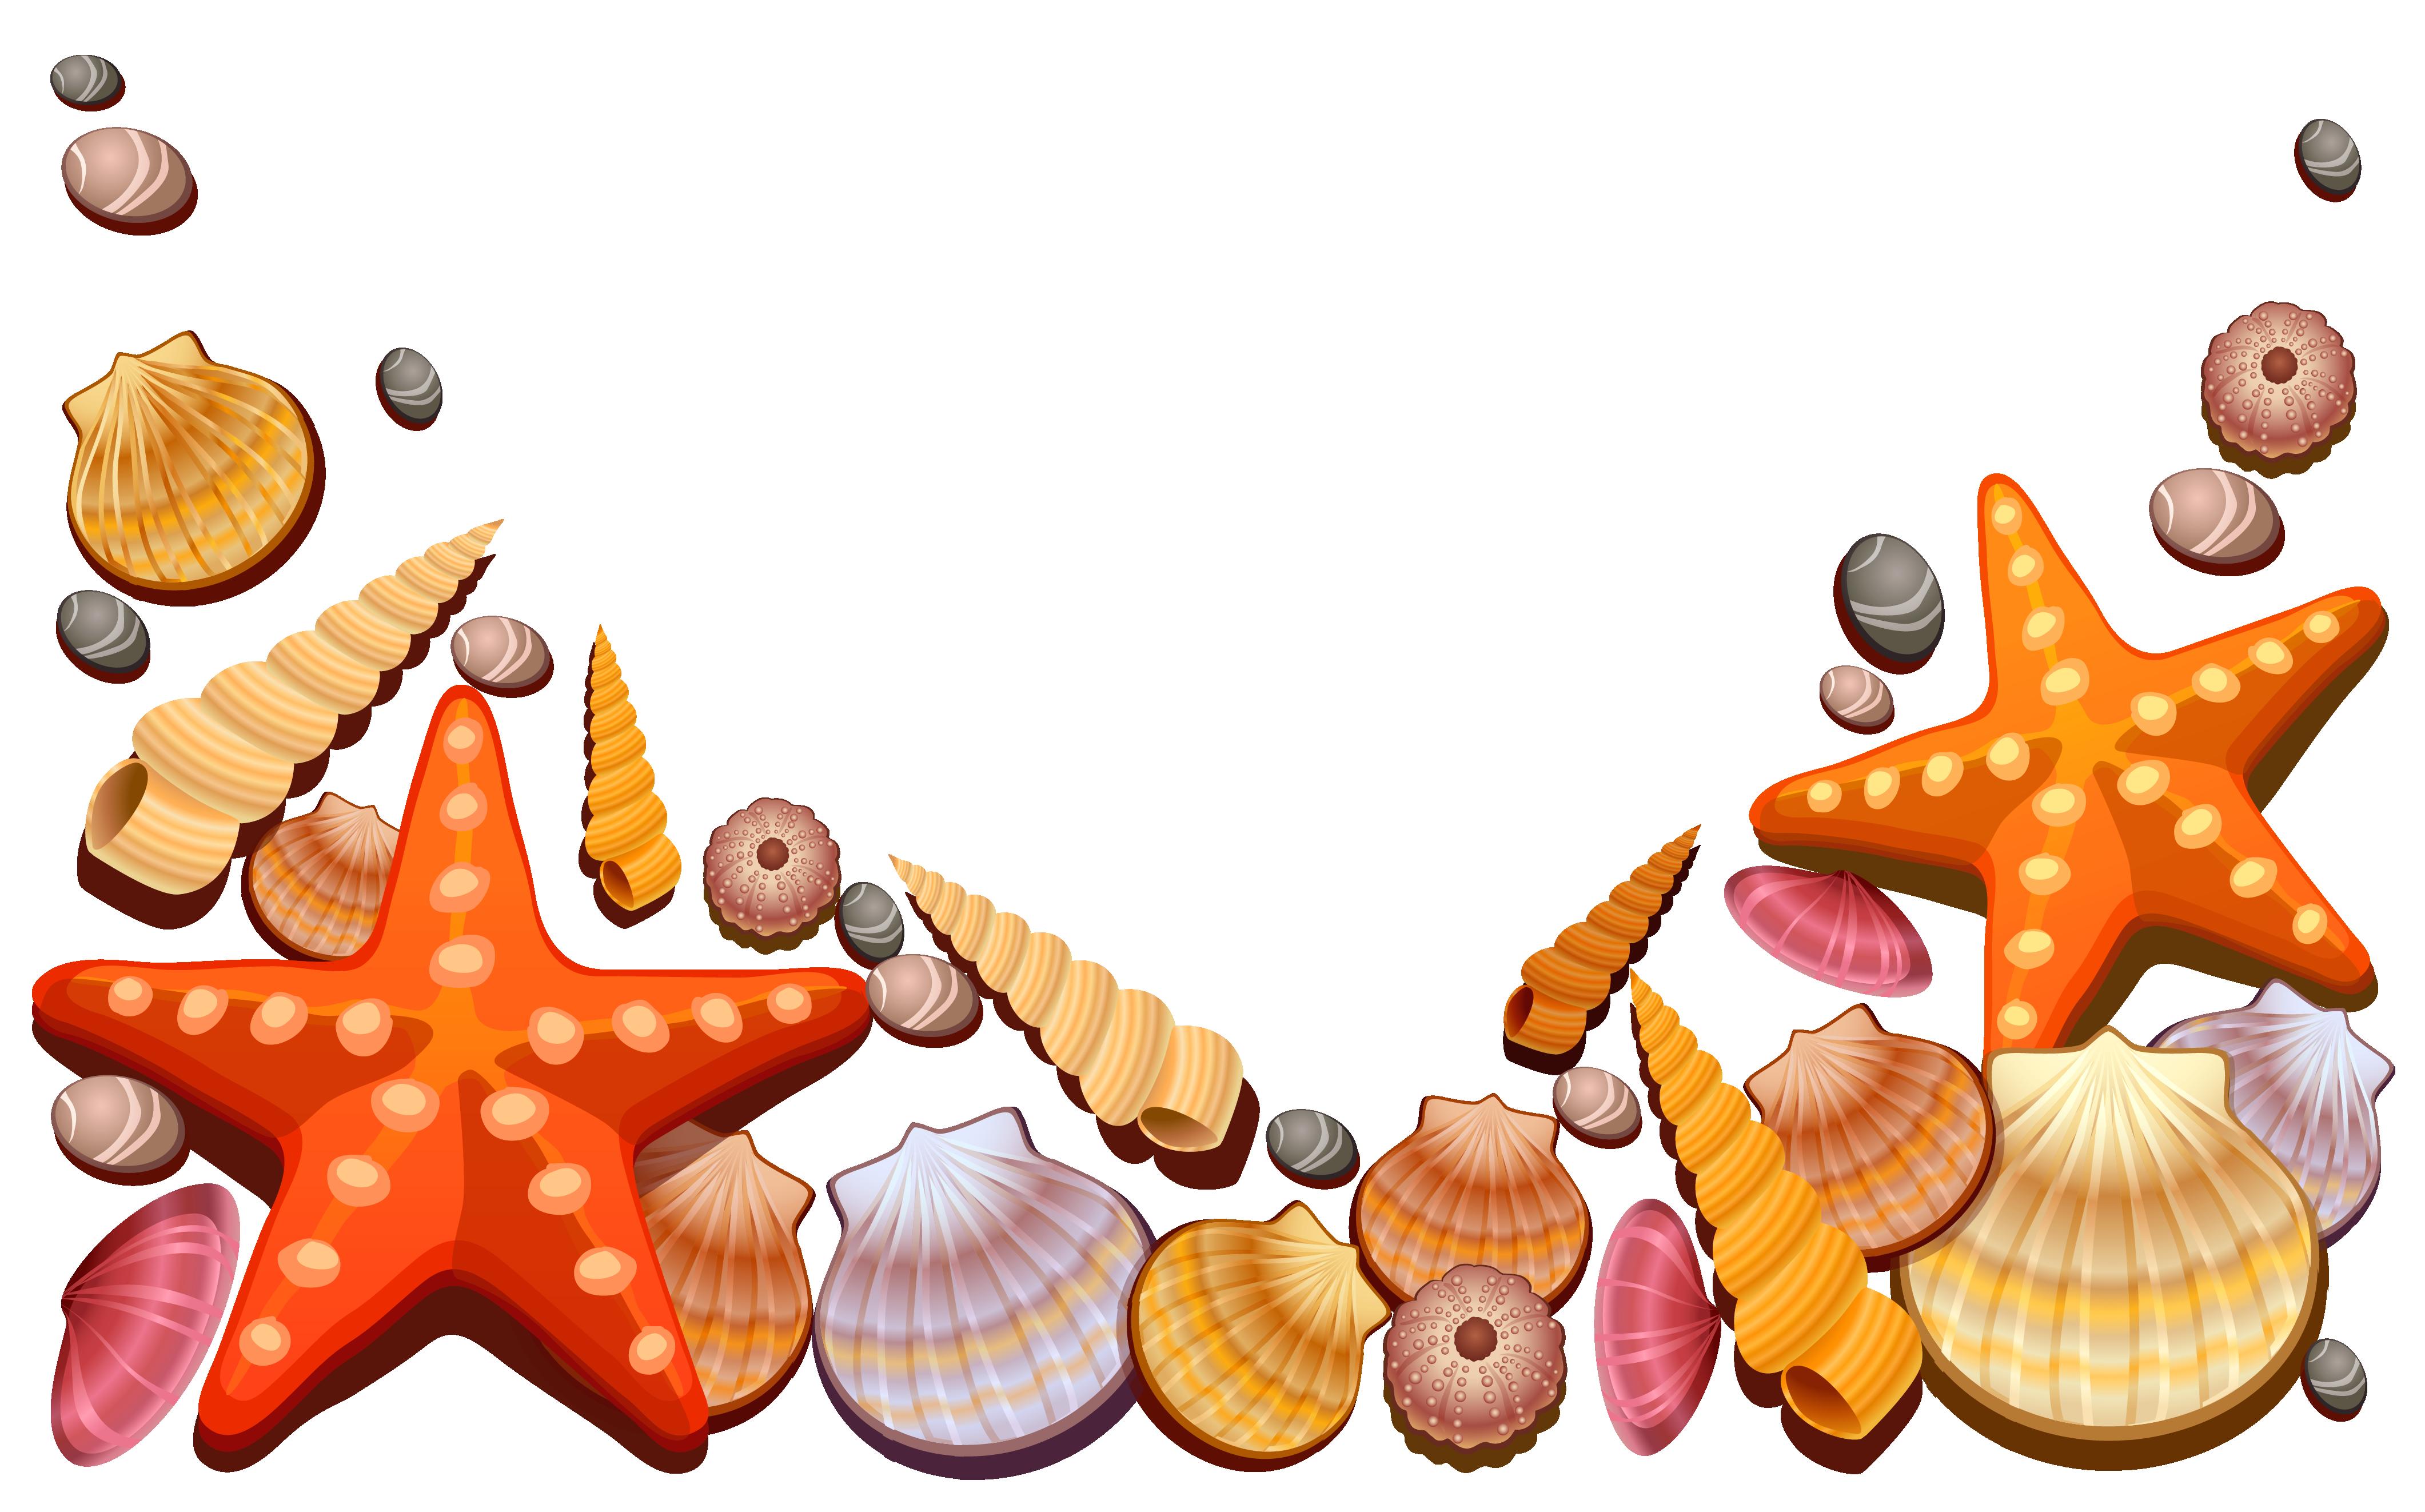 Free Clip Art Sea Shells - ClipArt Best